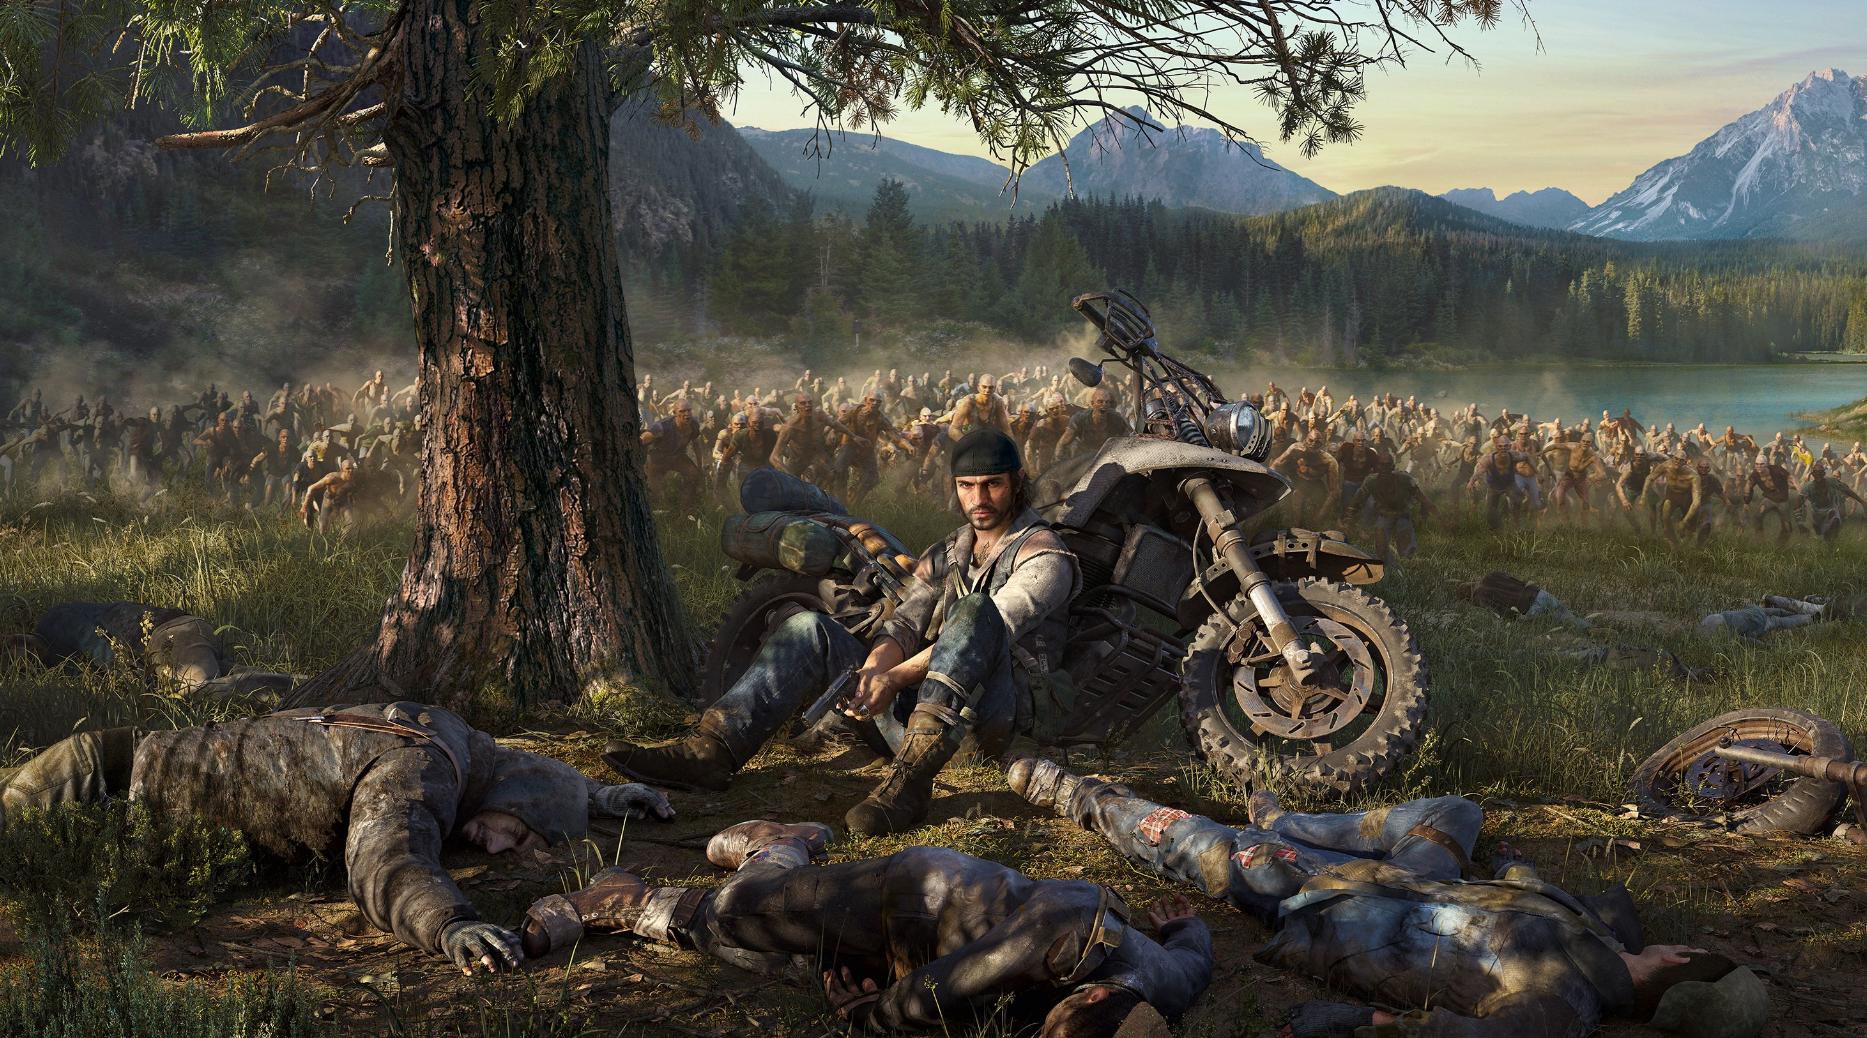 PlayStation продолжает терять эксклюзивы: вслед за Horizon Zero Dawn на ПК перенесут и Days Gone